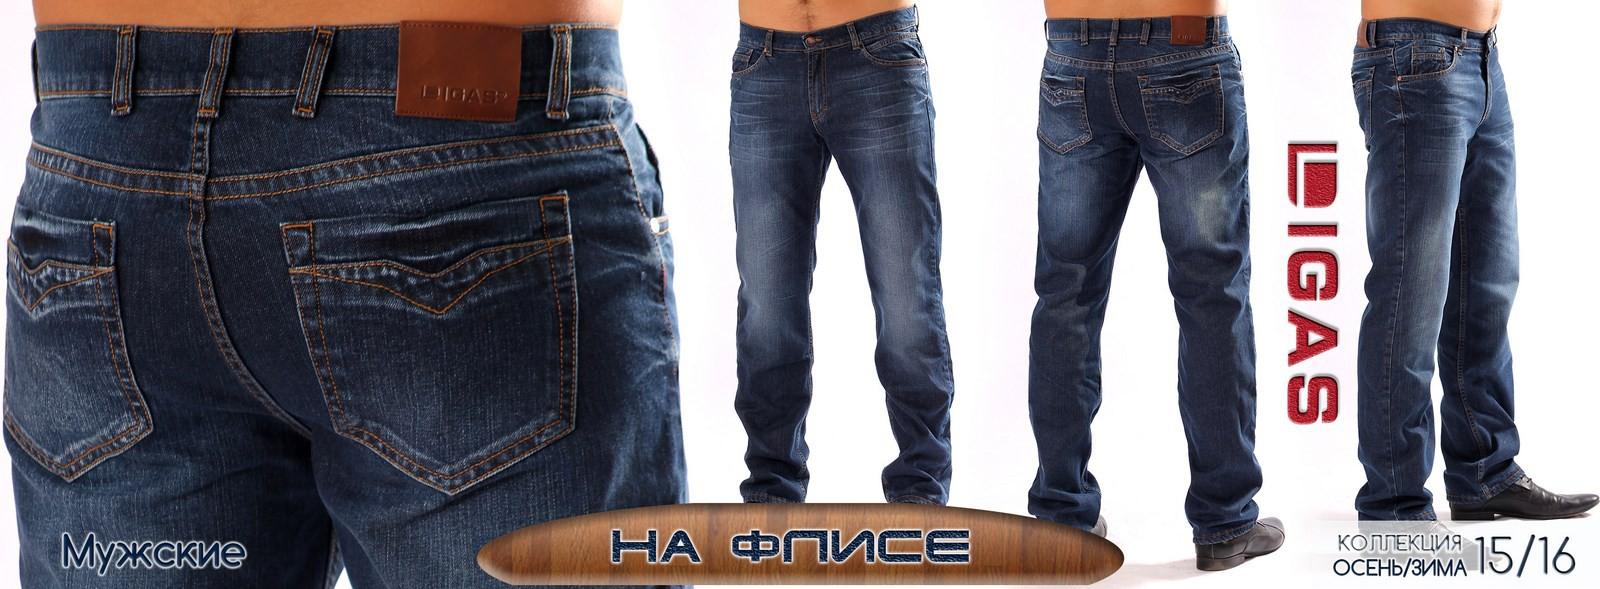 Сбор заказов-12. Распродажа коллекции прошлого года женских и мужских джинсов брендов Ligas, Fabex, Republik, Squalo и